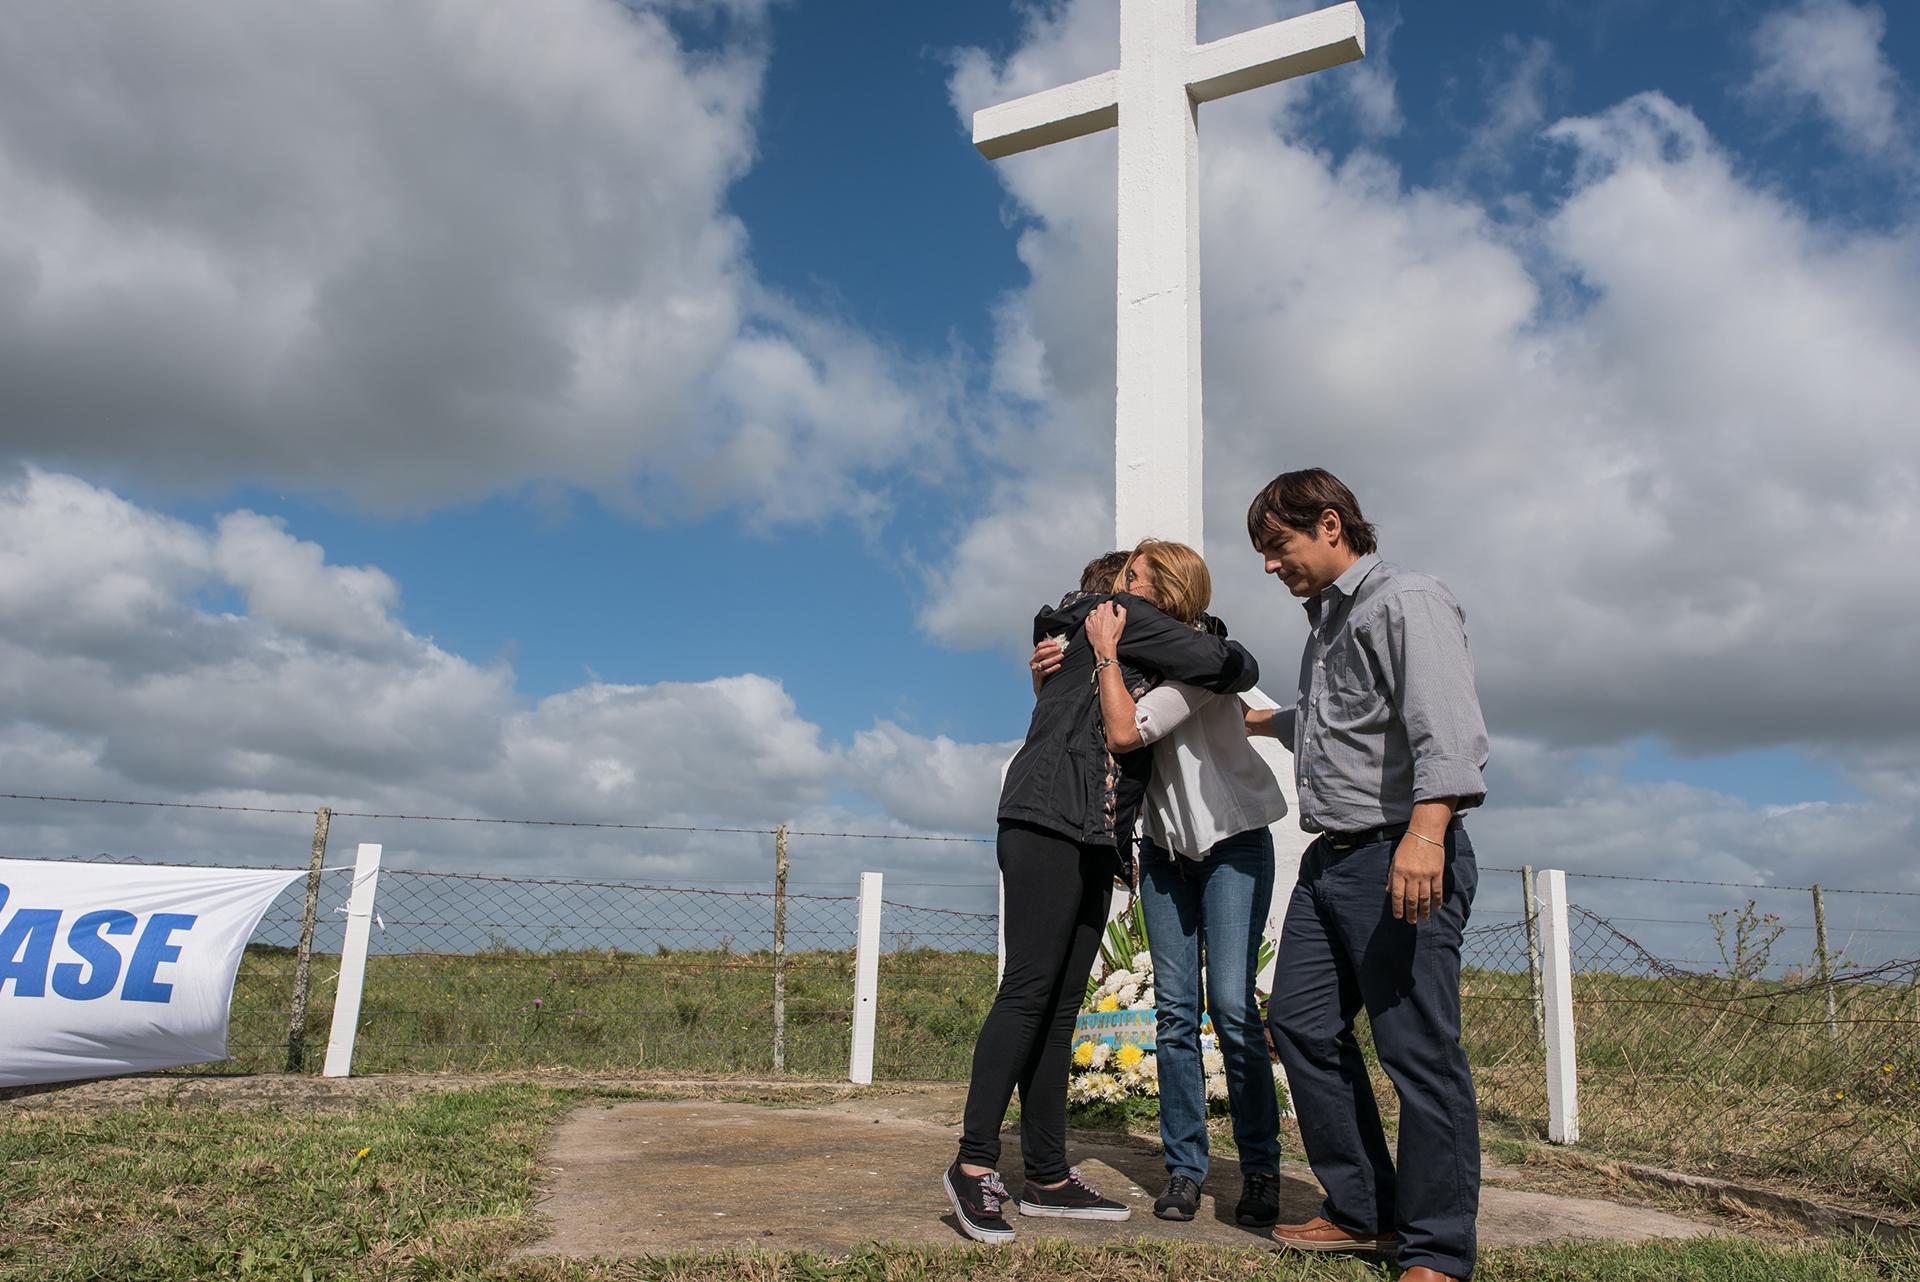 Este miércoles se cumplen 20 años del asesinato en Pinamar de José Luis Cabezas